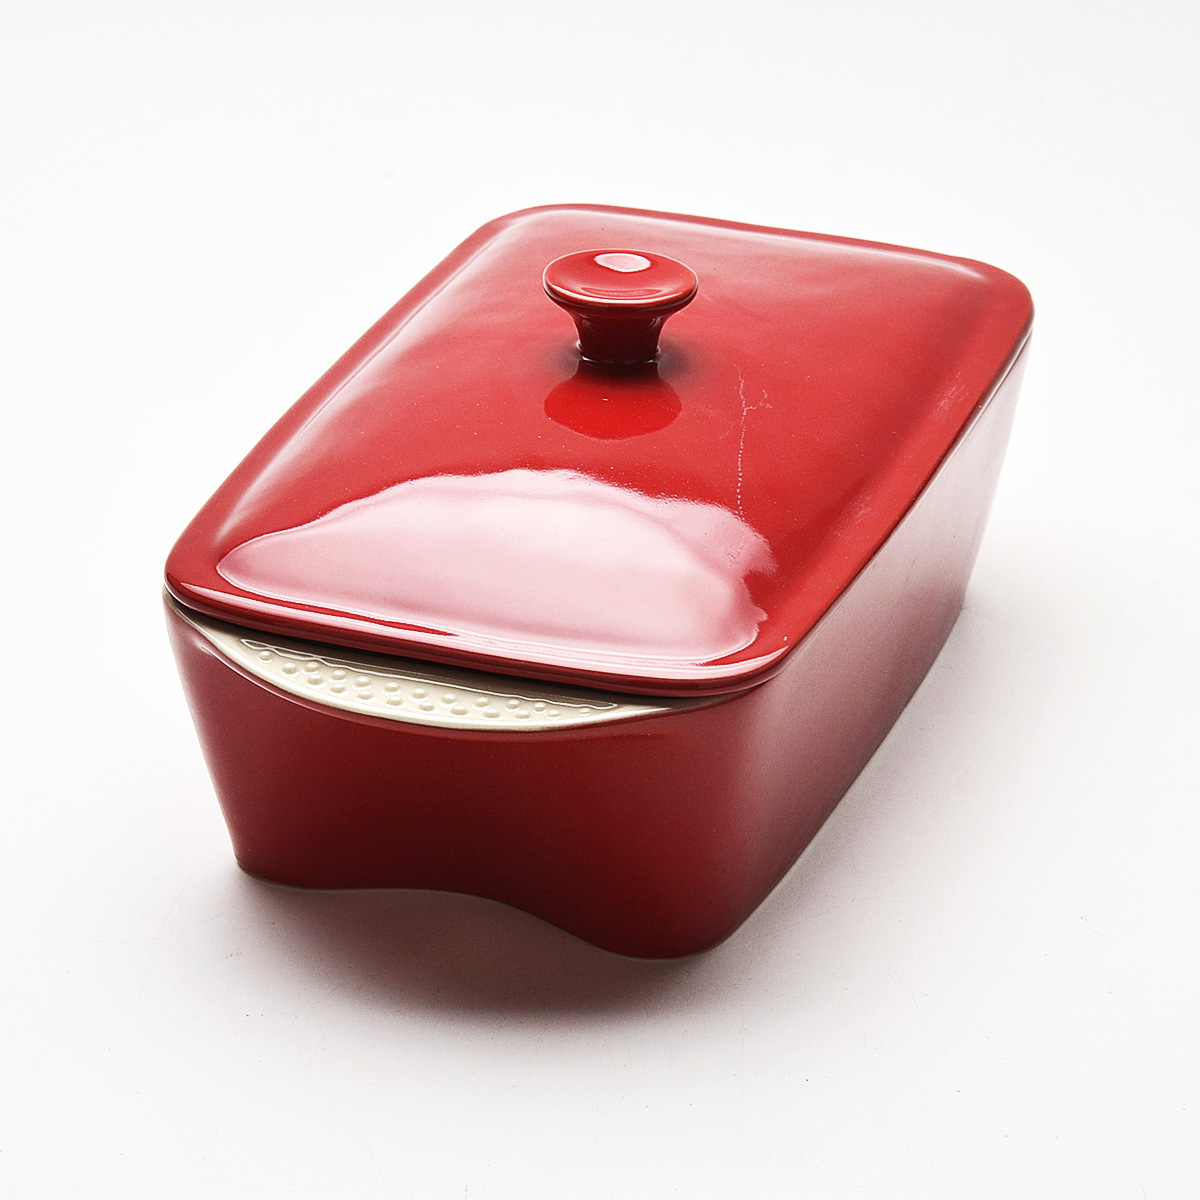 Жаровня Mayer & Boch с крышкой, цвет: красный, 2,3 лж40аЖаровня Mayer & Boch изготовлена из жаропрочной керамики, покрытой слоем сверкающей глазури.Керамическая посуда считается не только изысканной, но еще и полезной. Изготавливается она из экологически чистой красной глины, без химических добавок. За счет этого пища, приготовленная в керамической посуде, приобретает бесподобный аромат и вкус.Высокая прочность материала, первоклассная обработка и качество исполнения обеспечивают длительный срок службы. Жаровня равномерно распределяет тепло и долго сохраняет его, что экономит электроэнергию. Продукты в такой форме быстрее приготовляются. Легко чистится. Может использоваться на газовой плите, электрической плите и в микроволновой печи. Можно мыть в посудомоечной машине.Объем: 2,3 л.Размер жаровни (с учетом ручек): 34 см х 18 см.Размер жаровни (без учета ручек): 28 см х 16,5 см.Высота стенки (без учета крышки): 9 см. Толщина стенок: 6-7 мм.